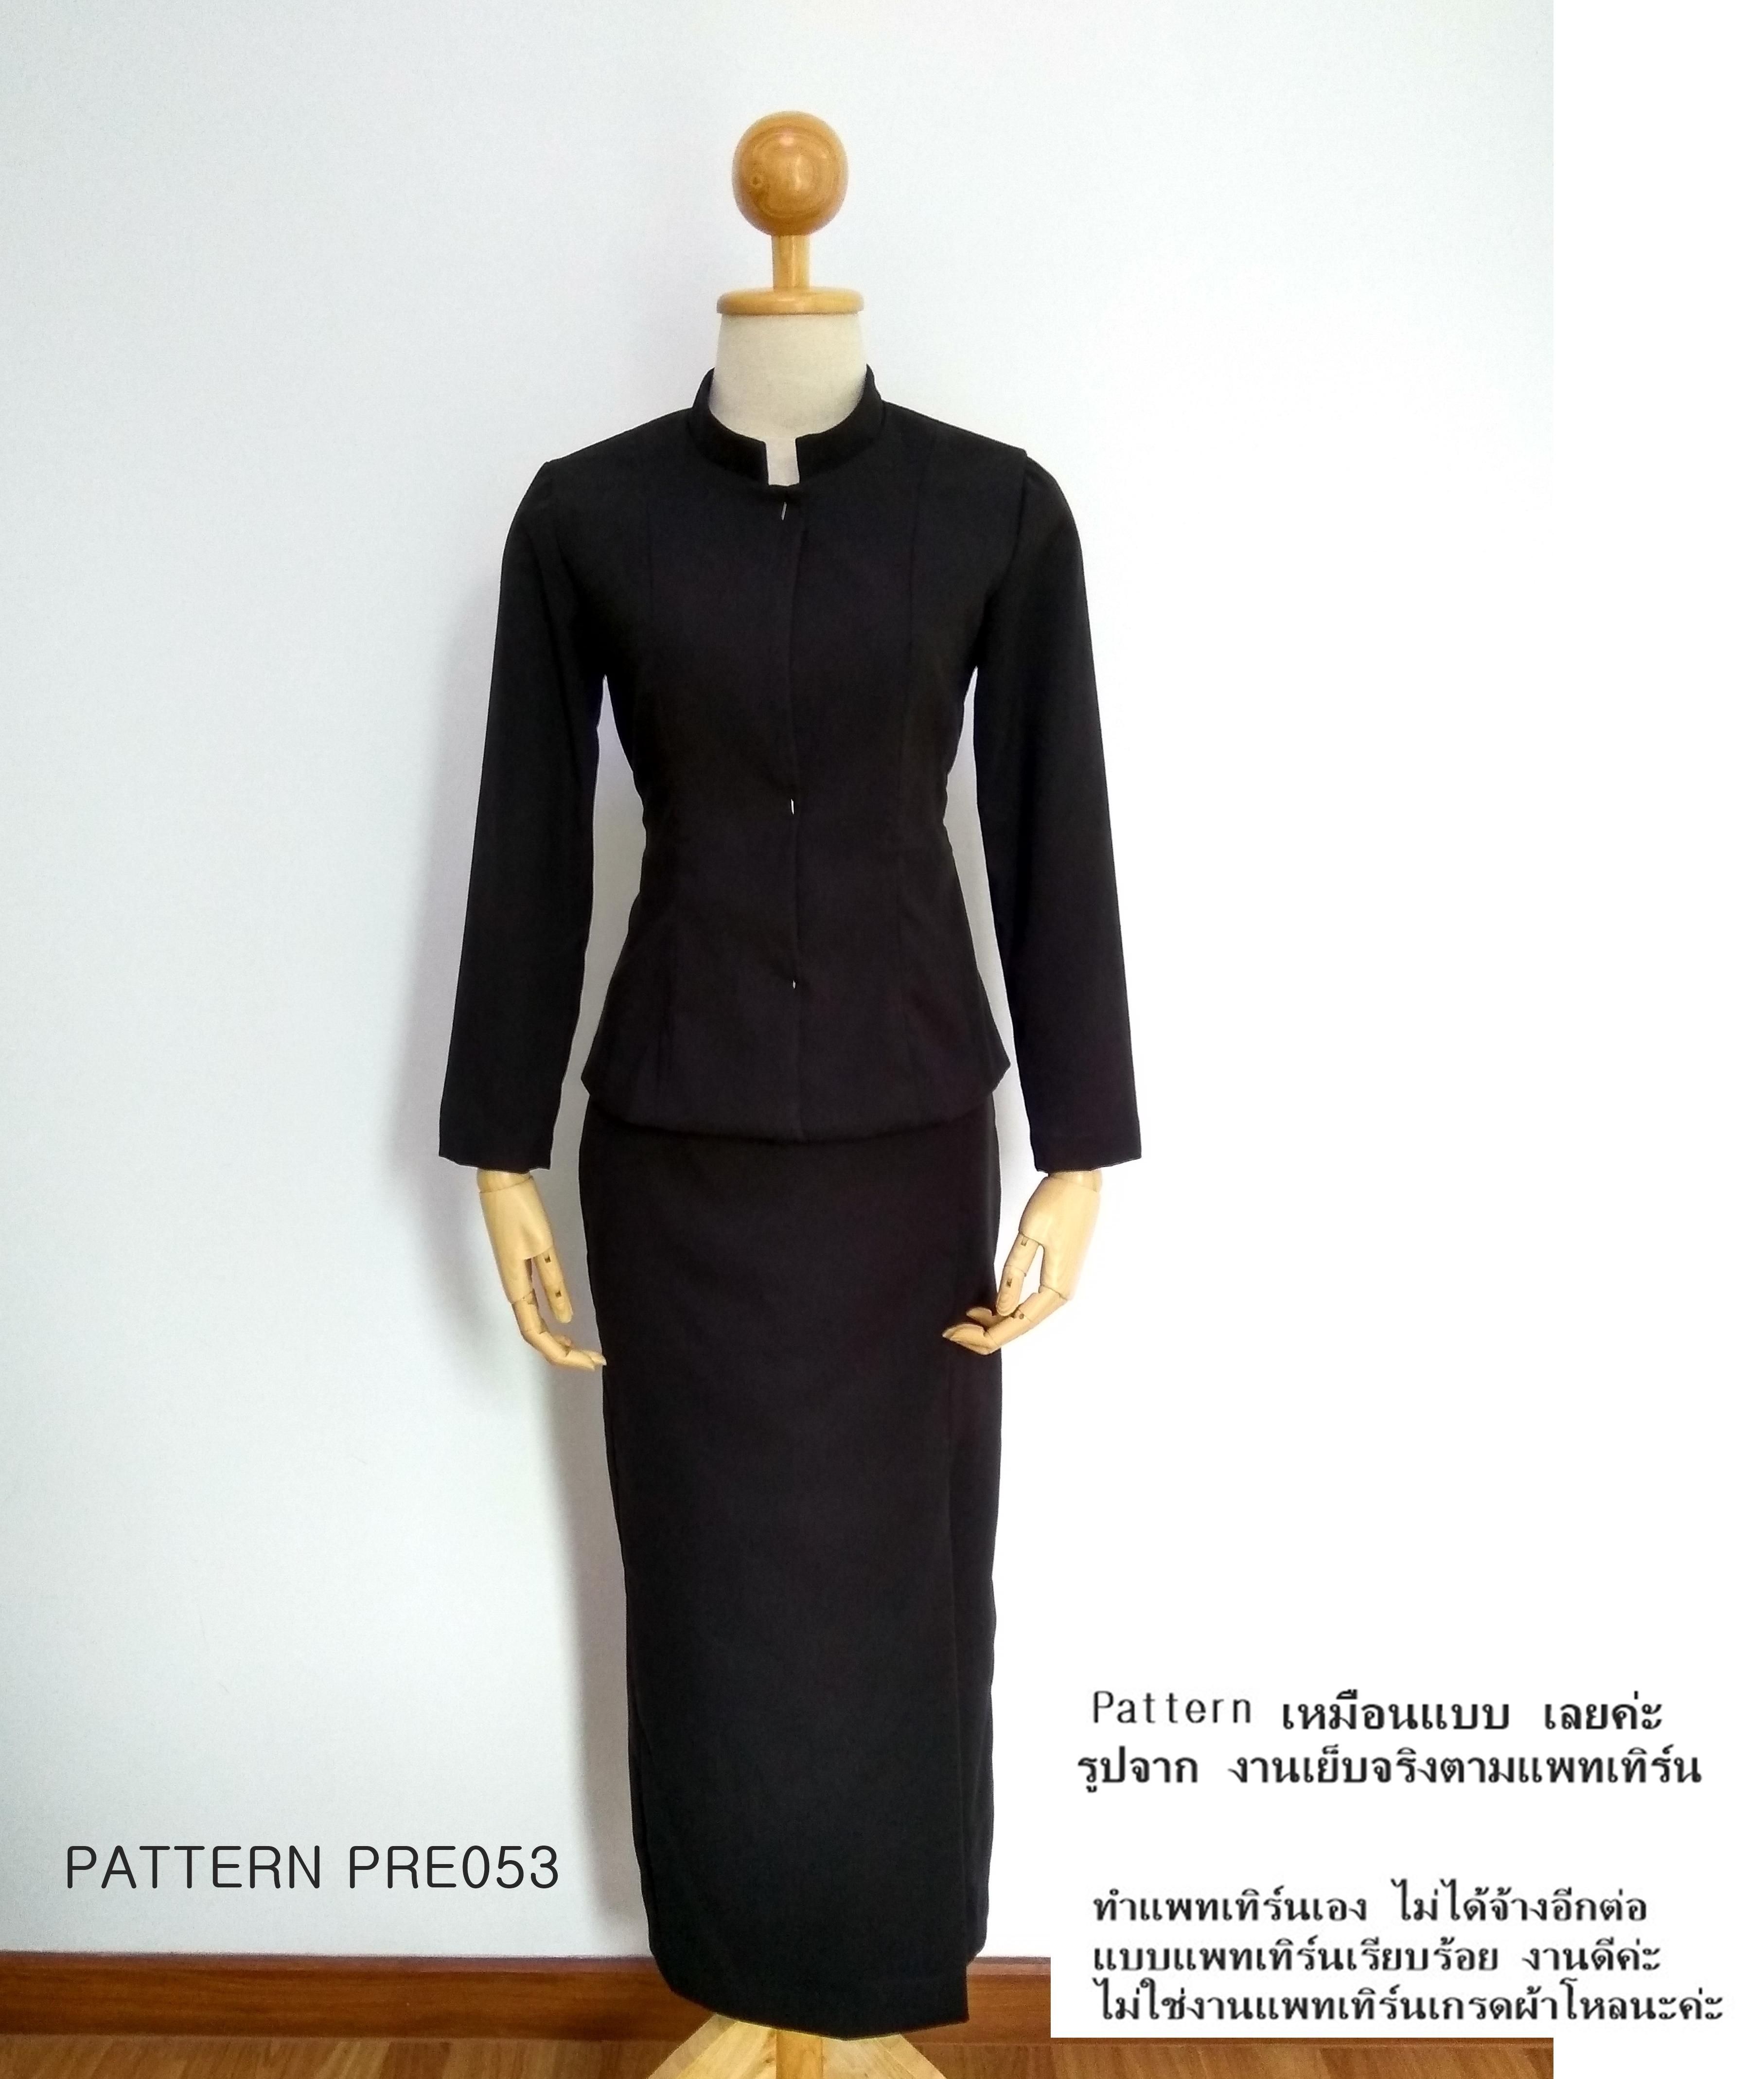 แพทเทิร์น PRE053